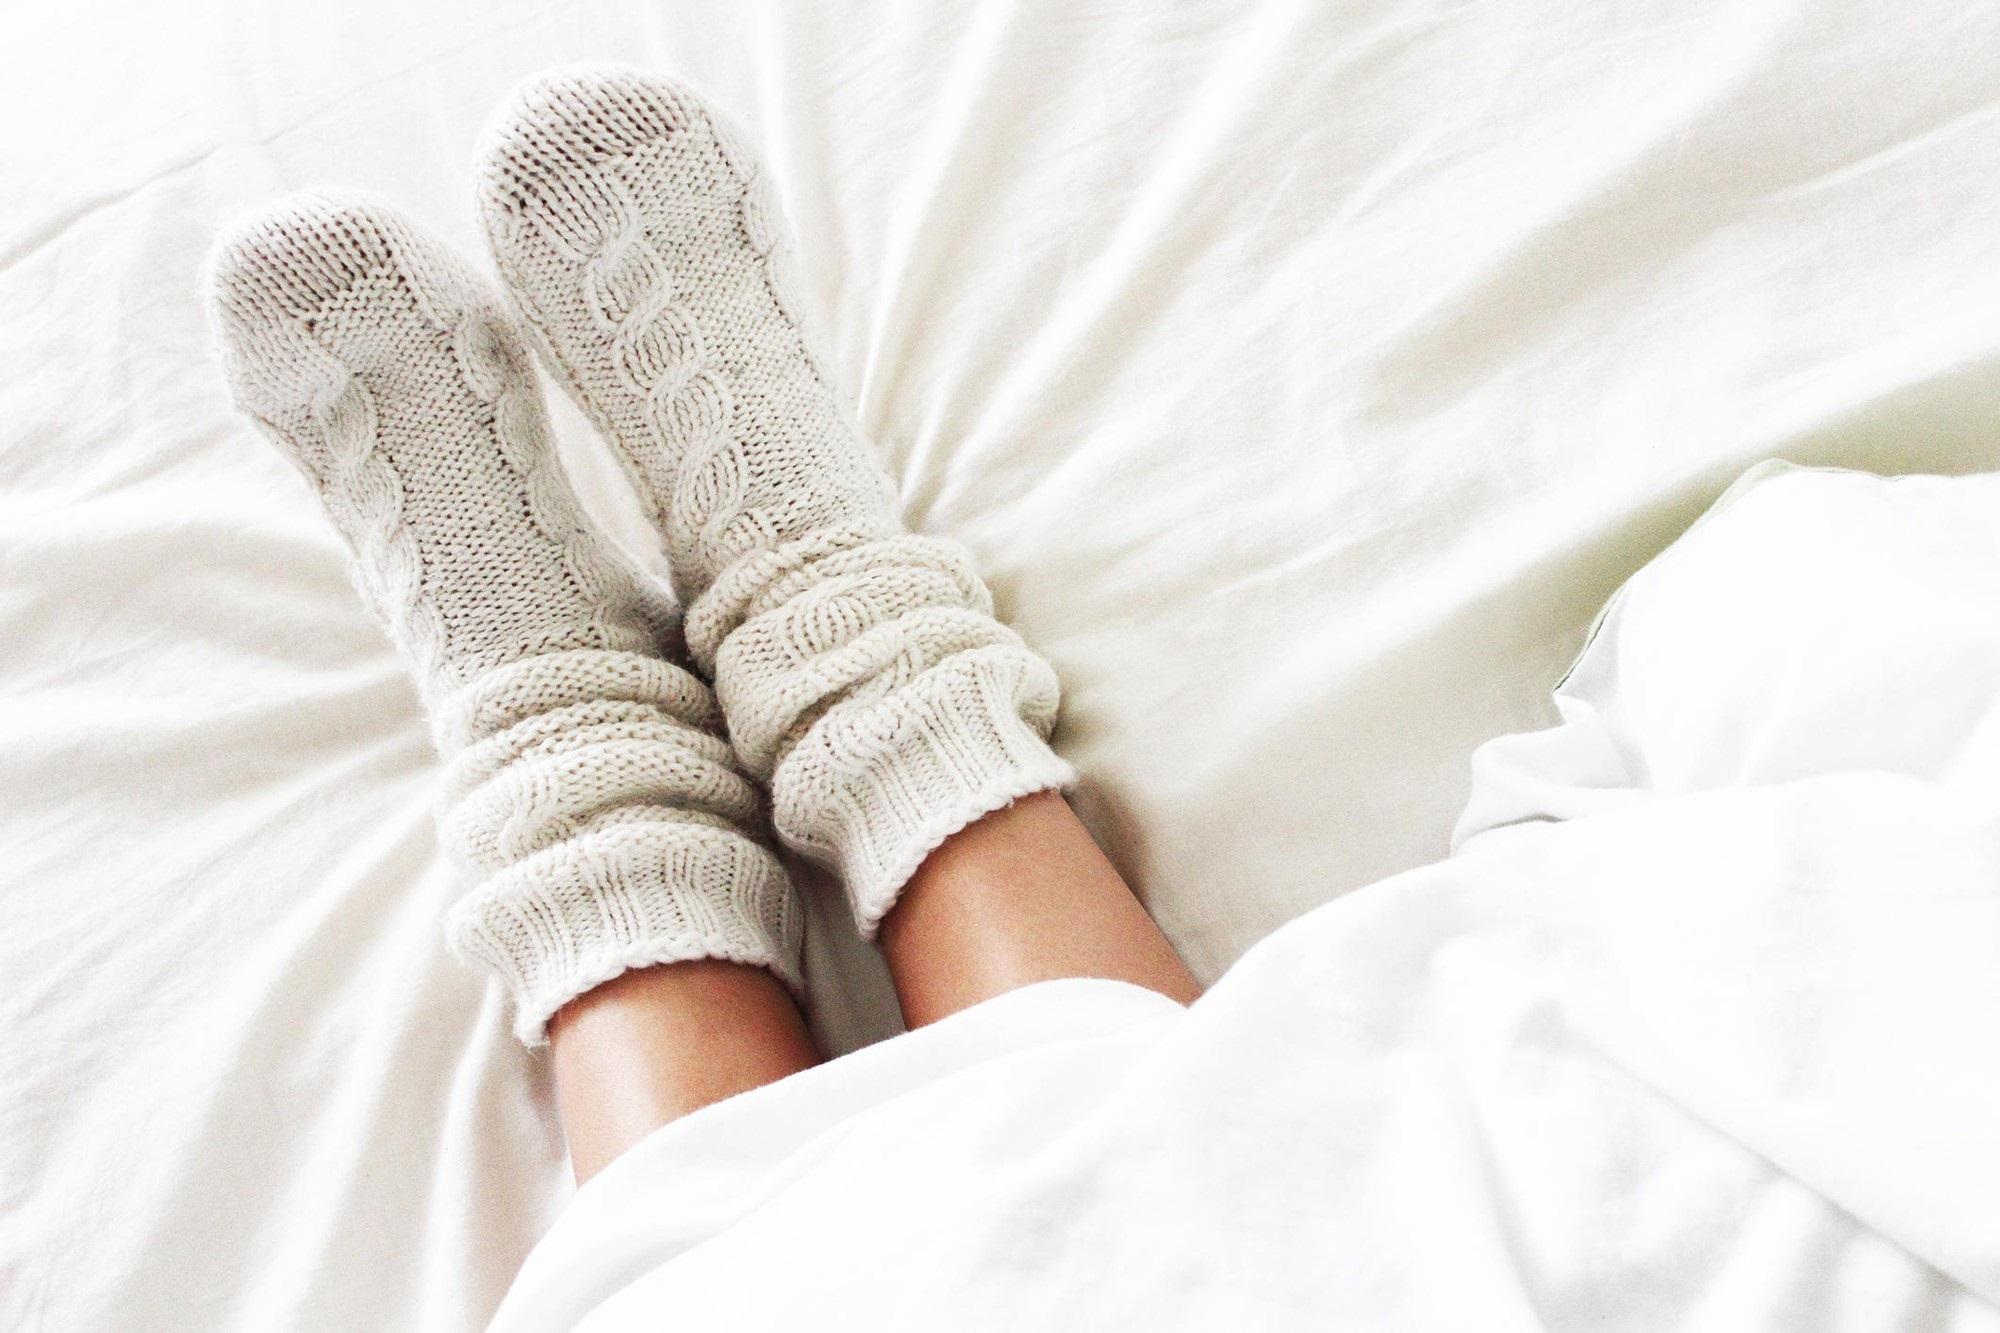 Không chỉ mùa đông, mùa hè bạn cũng có thể bị tróc da tay chân và đây là lý do - Ảnh 4